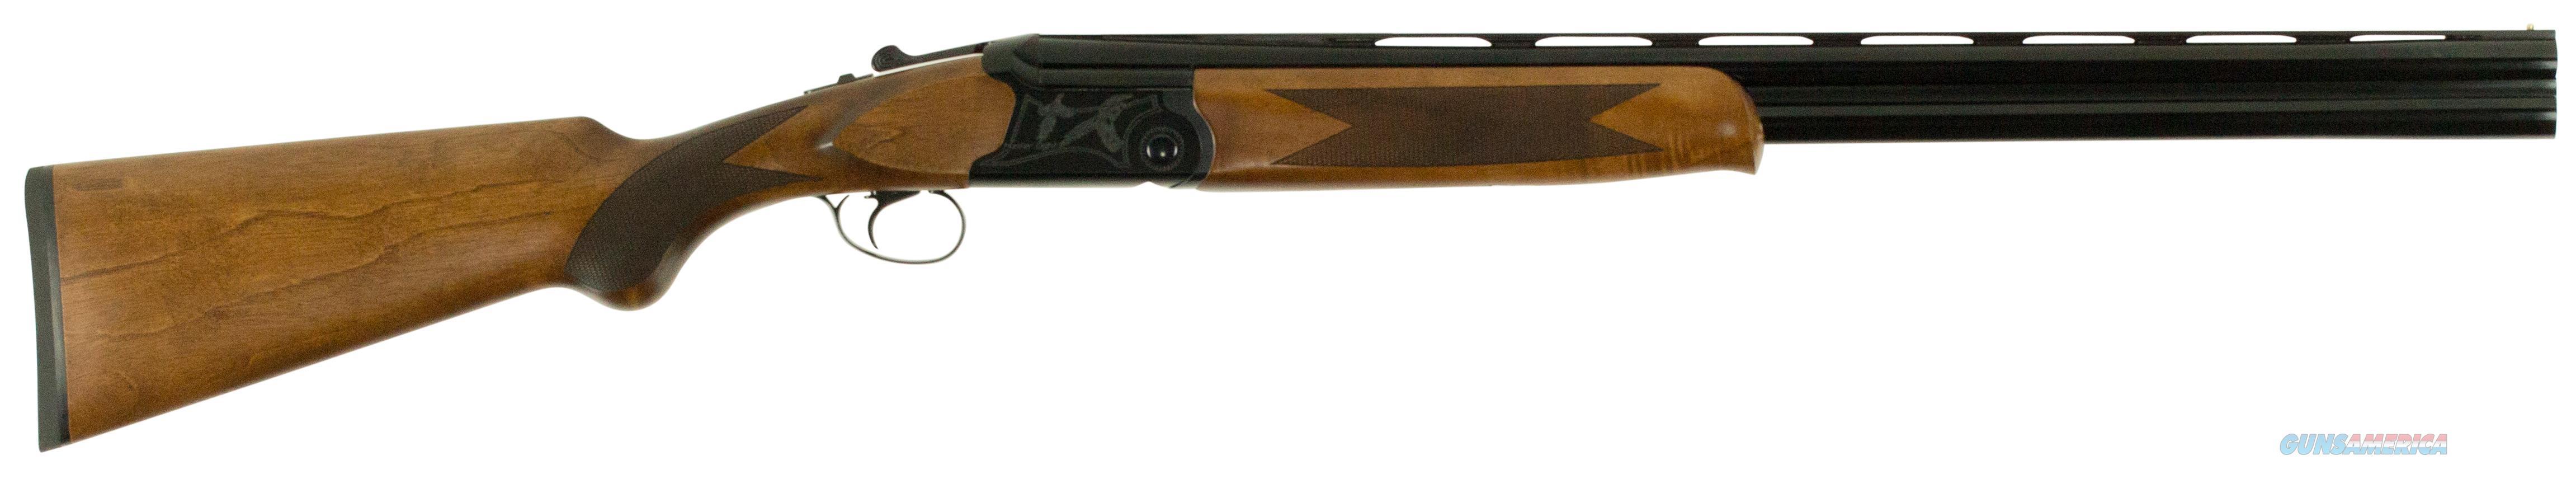 """Dickinson Oahntr Oa Over/Under 12 Gauge 26"""" 3"""" Wood Stk Black/White Aluminum Alloy OAHNTR  Guns > Rifles > D Misc Rifles"""